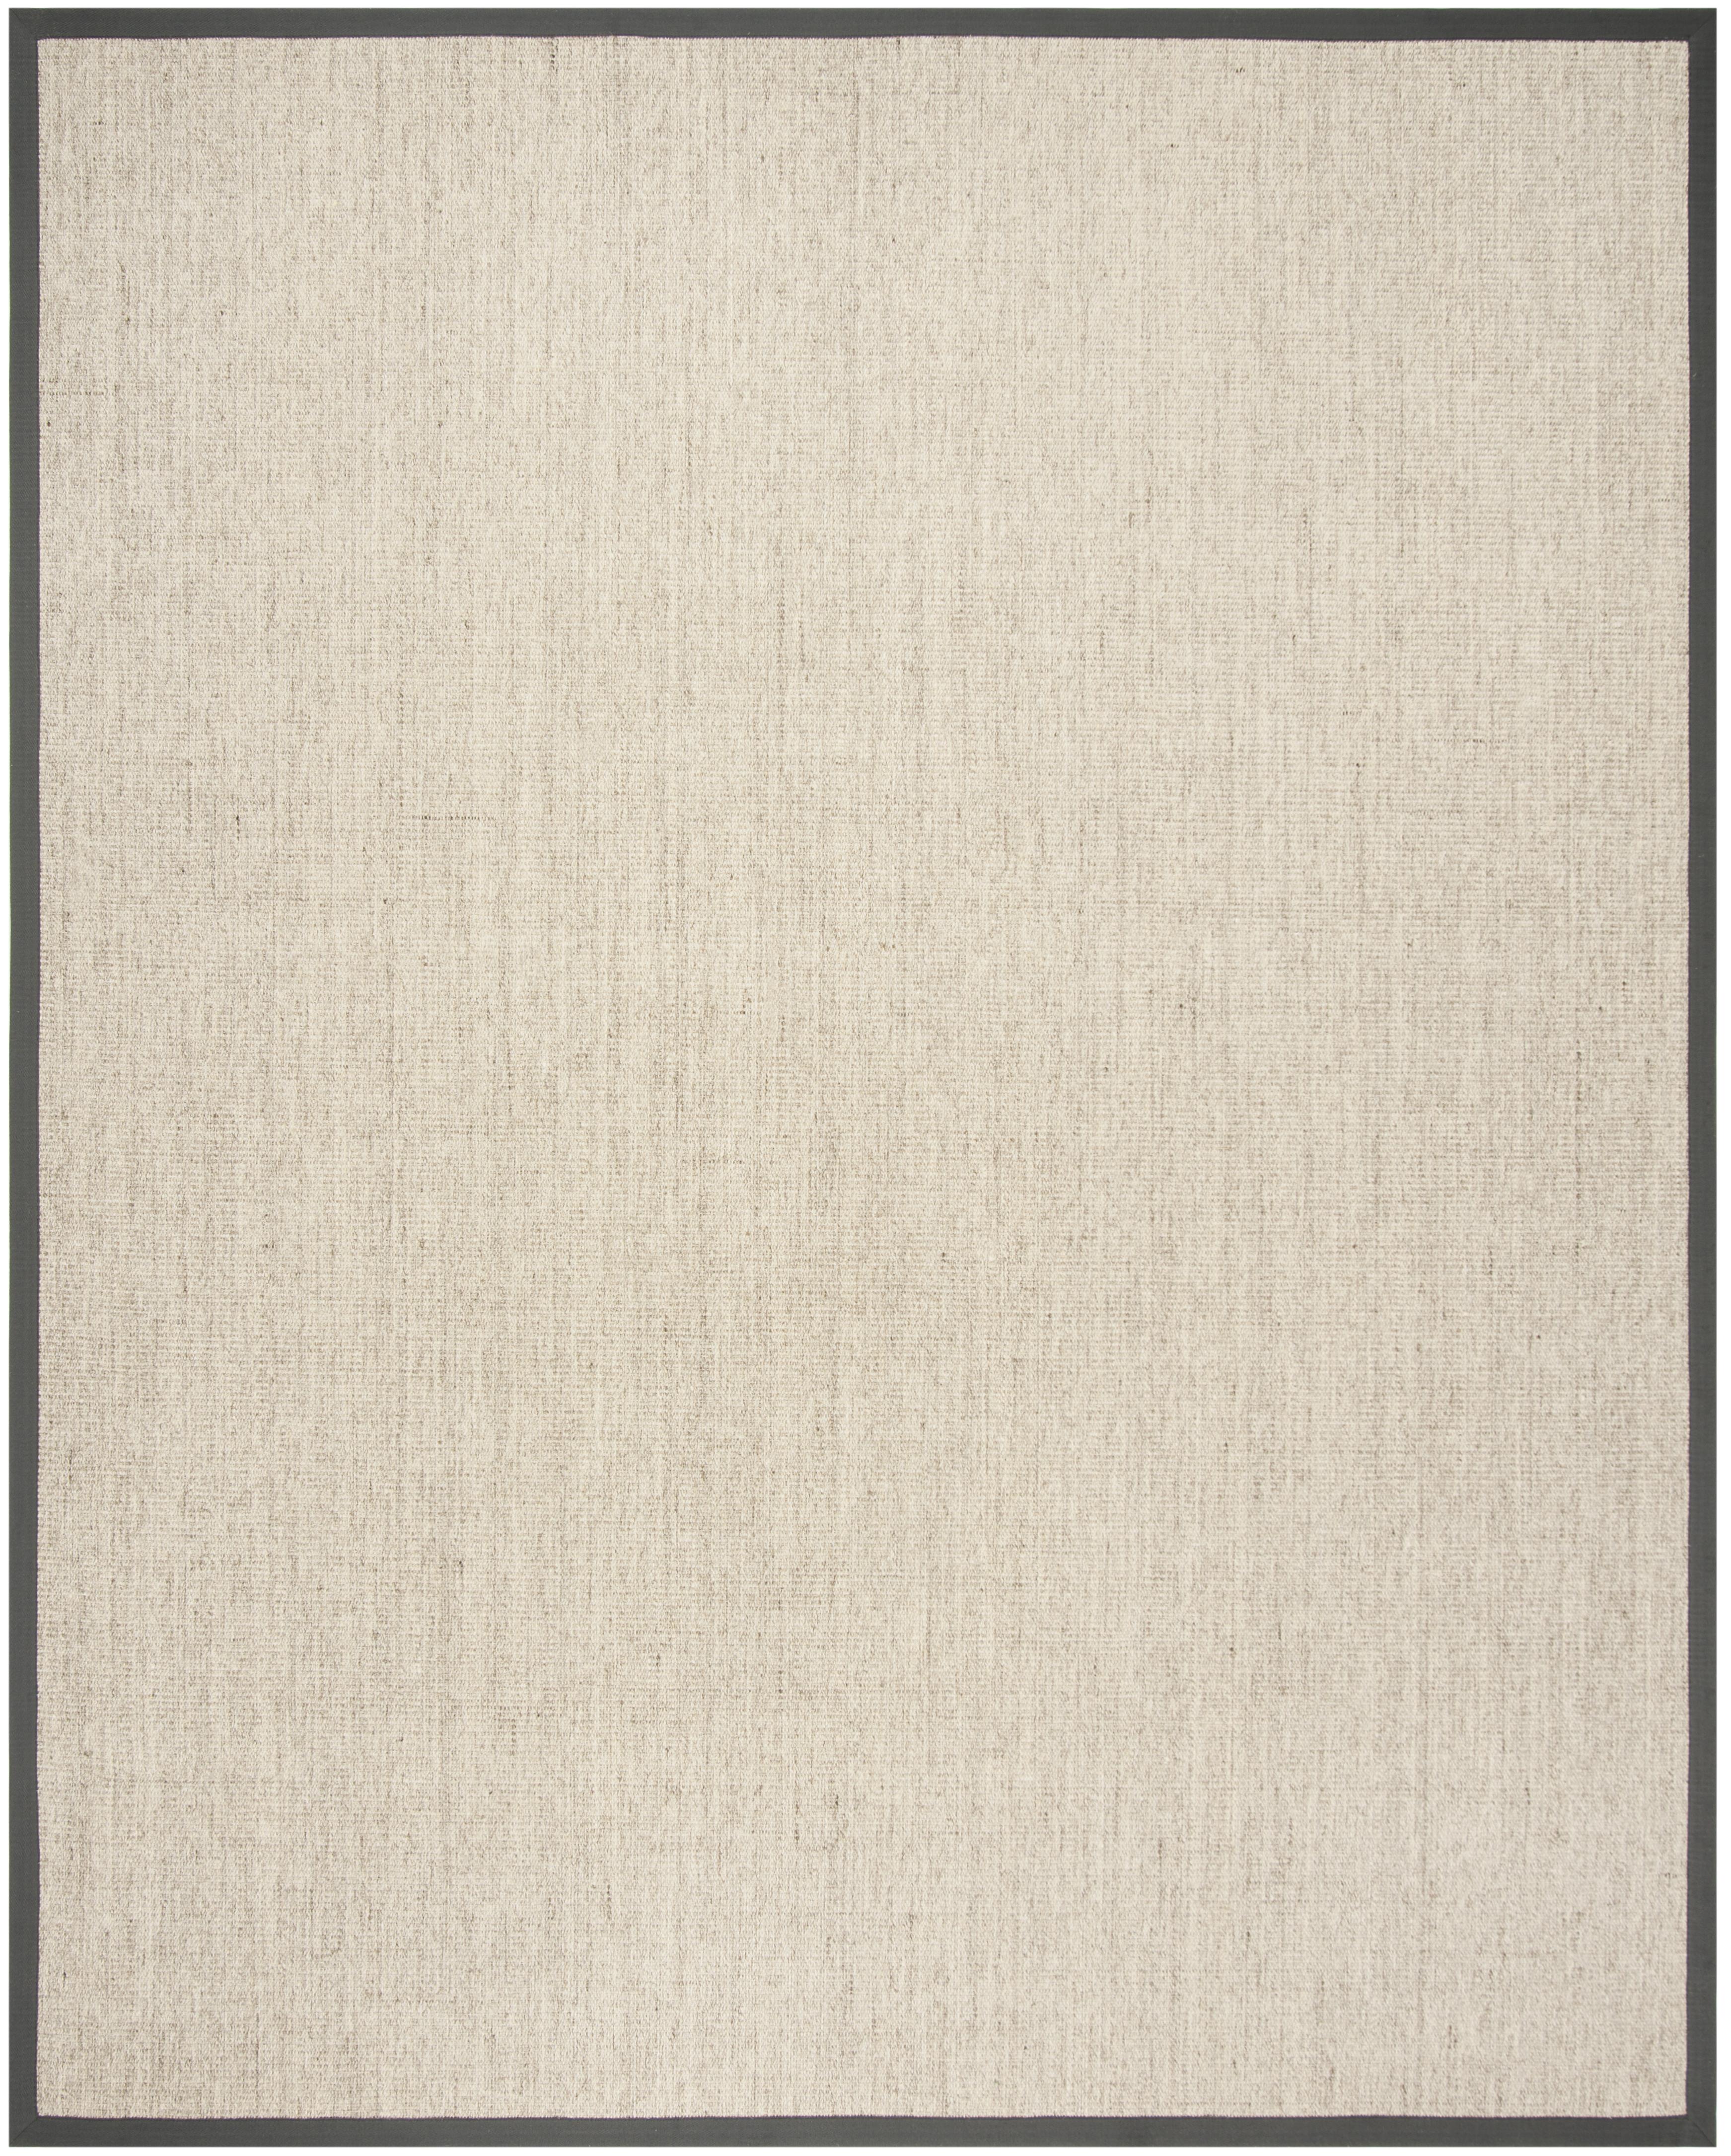 Danford 441 5' X 8' Gray Jute Rug